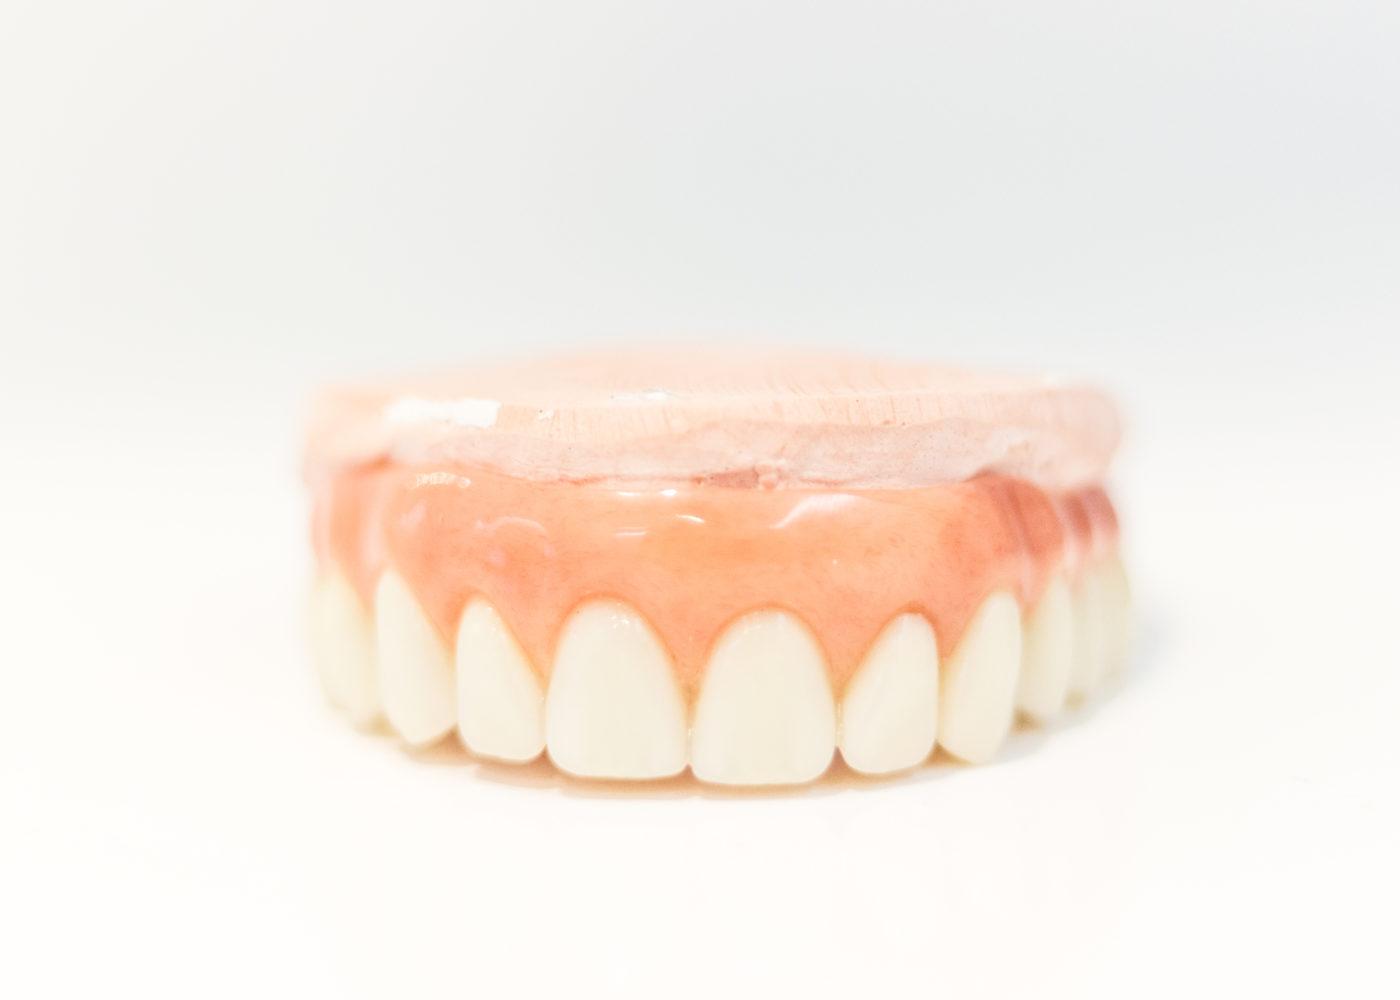 Fantoma de dientes